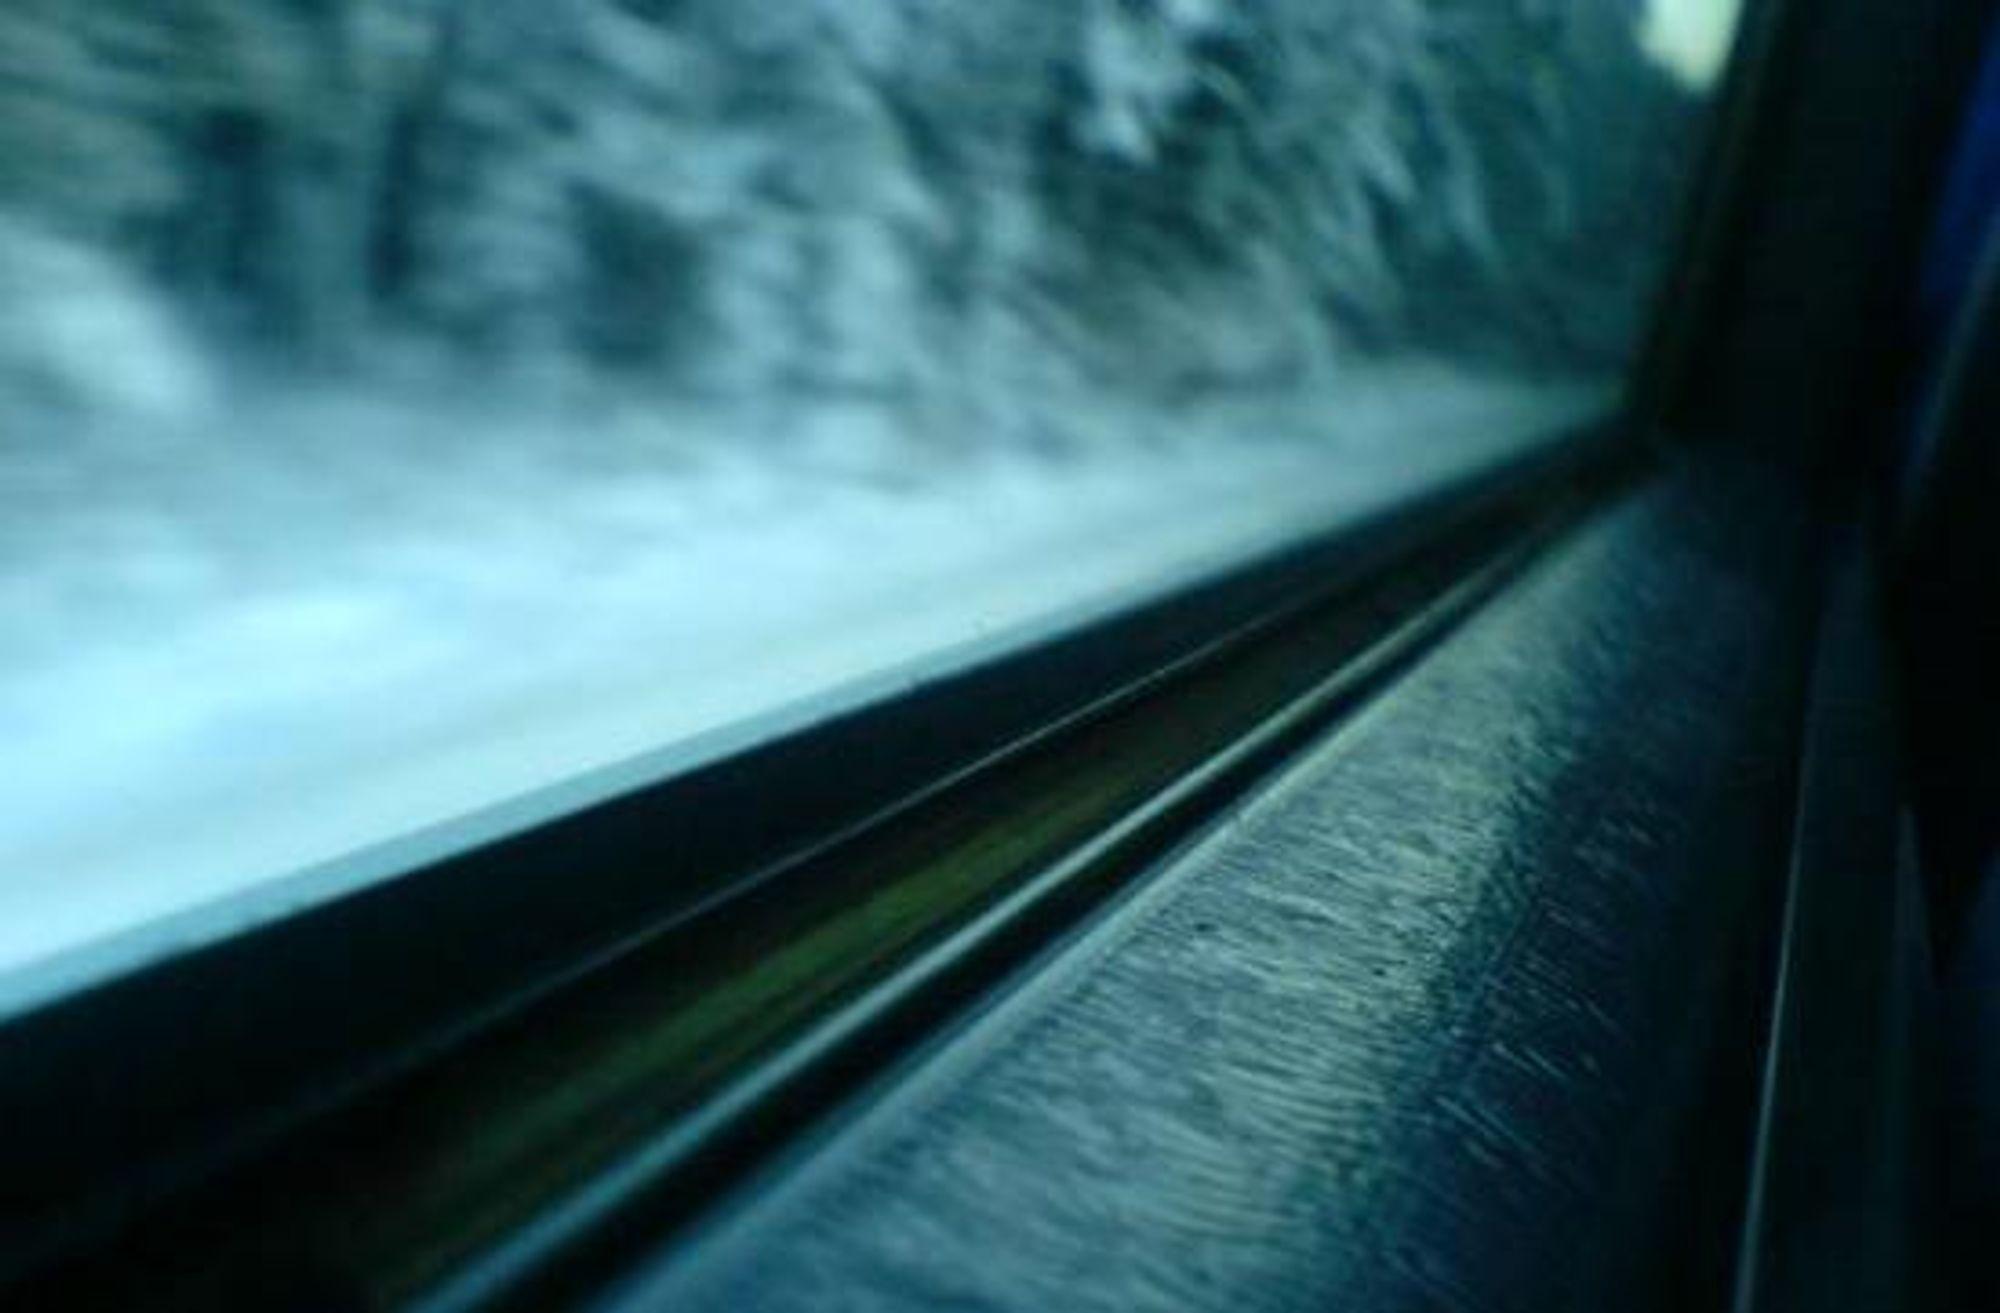 #1) Blikk fra et togvindu